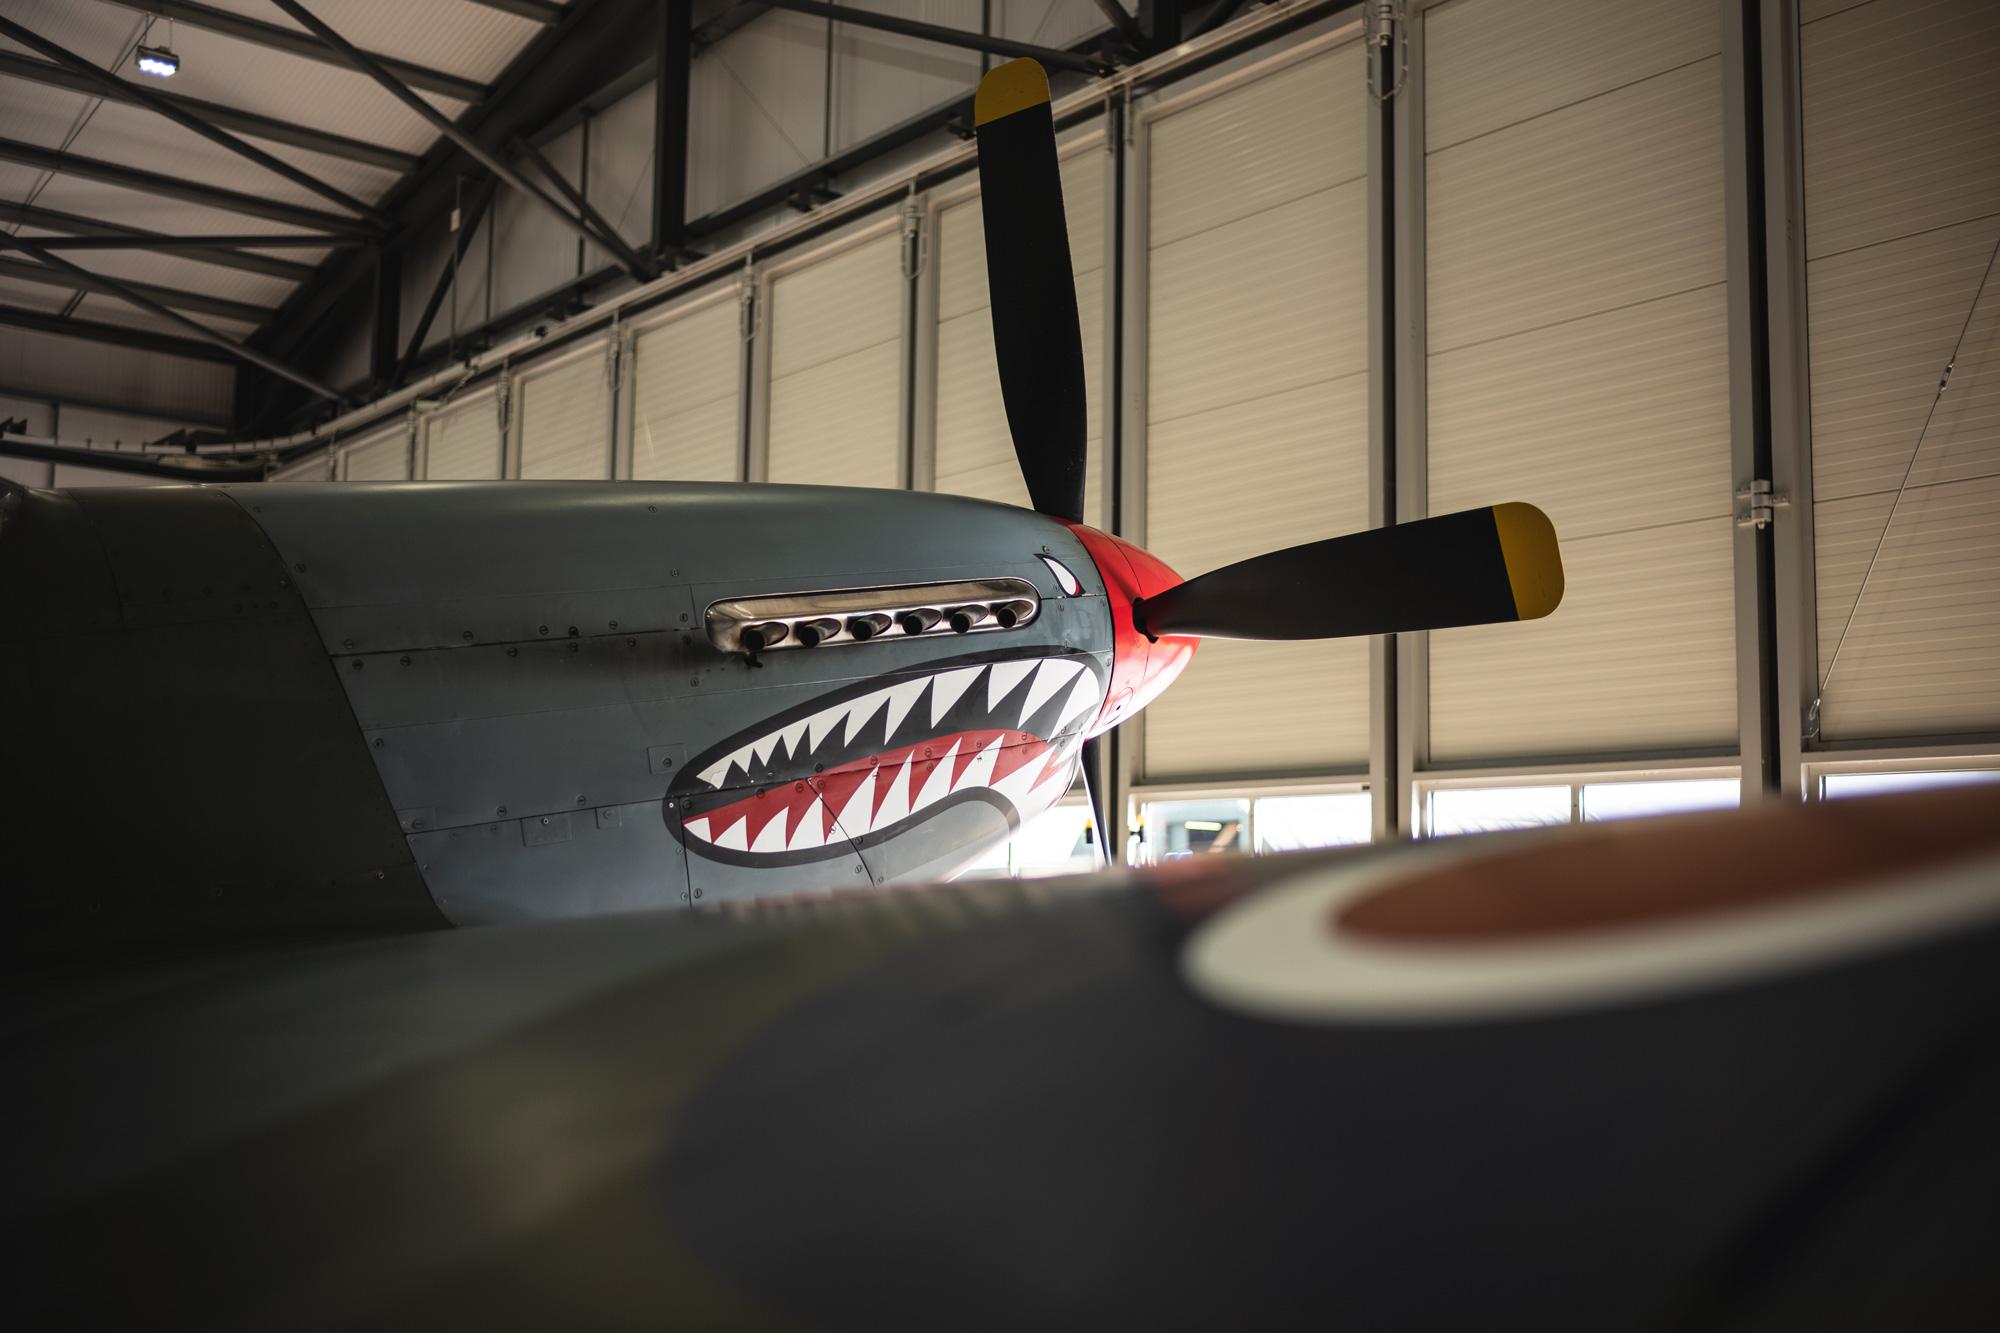 P51-Mustang-Shark_13.jpg